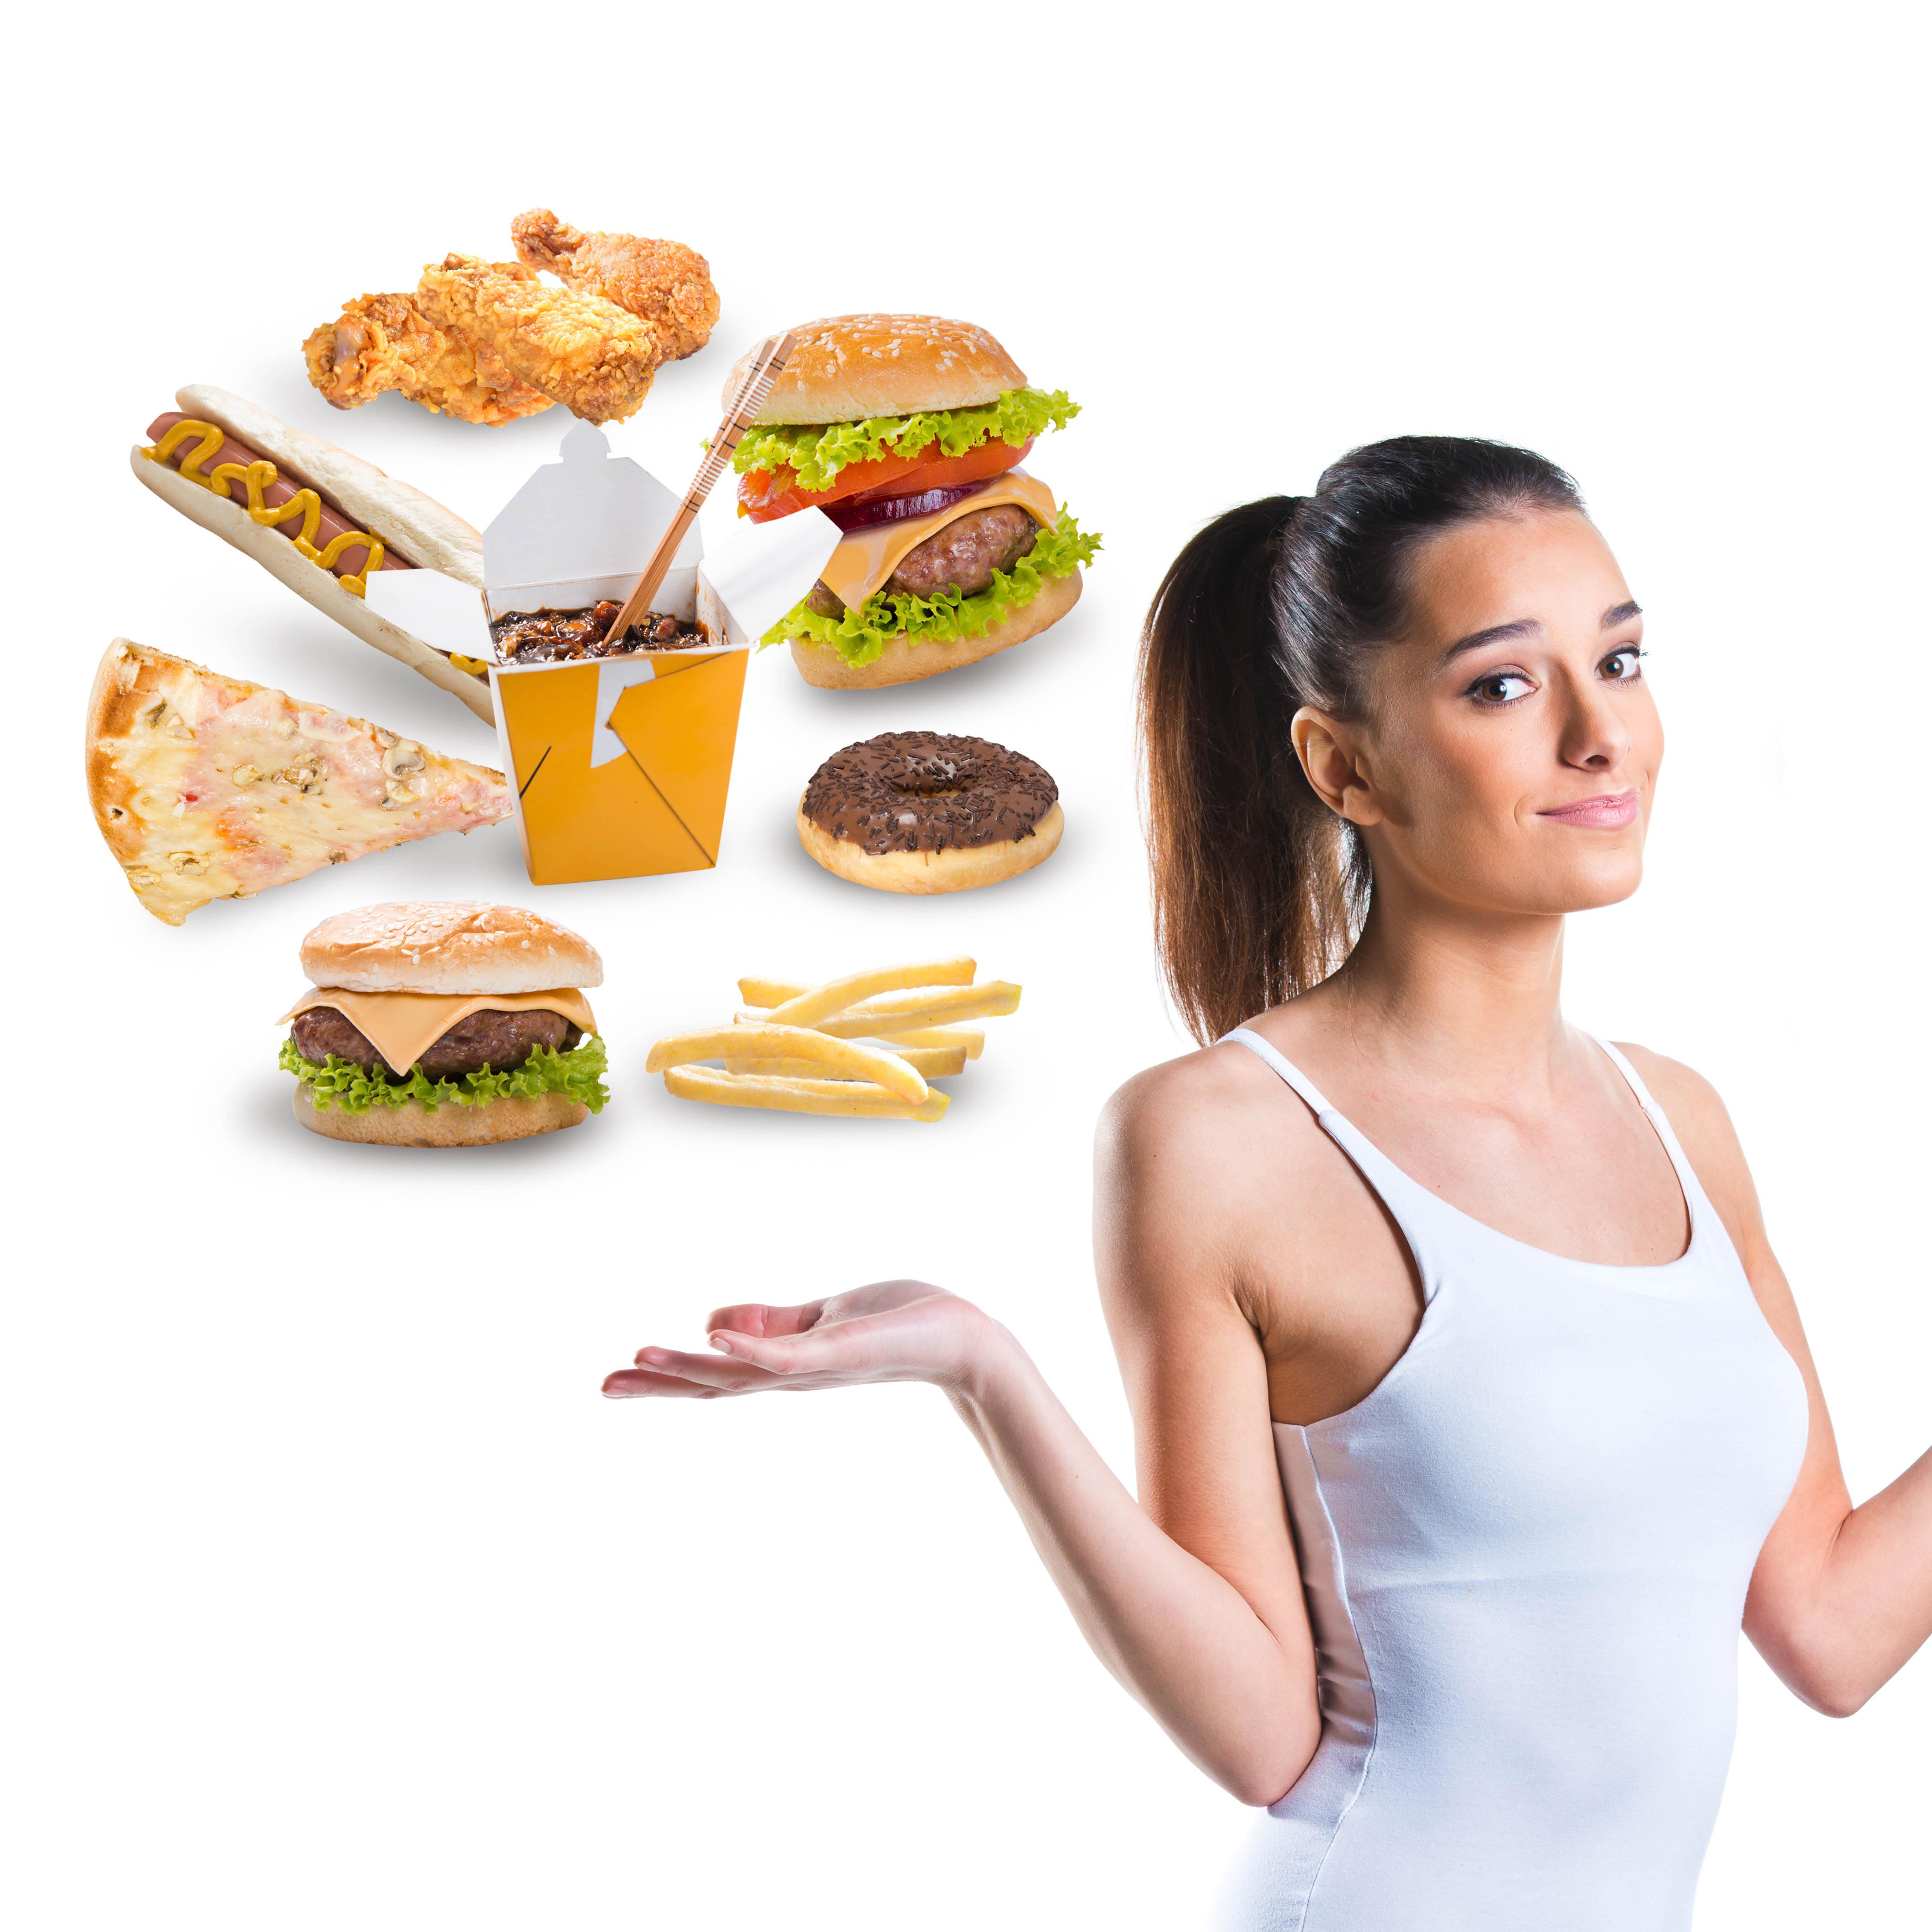 Питание Который Помогает Похудеть. Список продуктов, помогающих похудеть